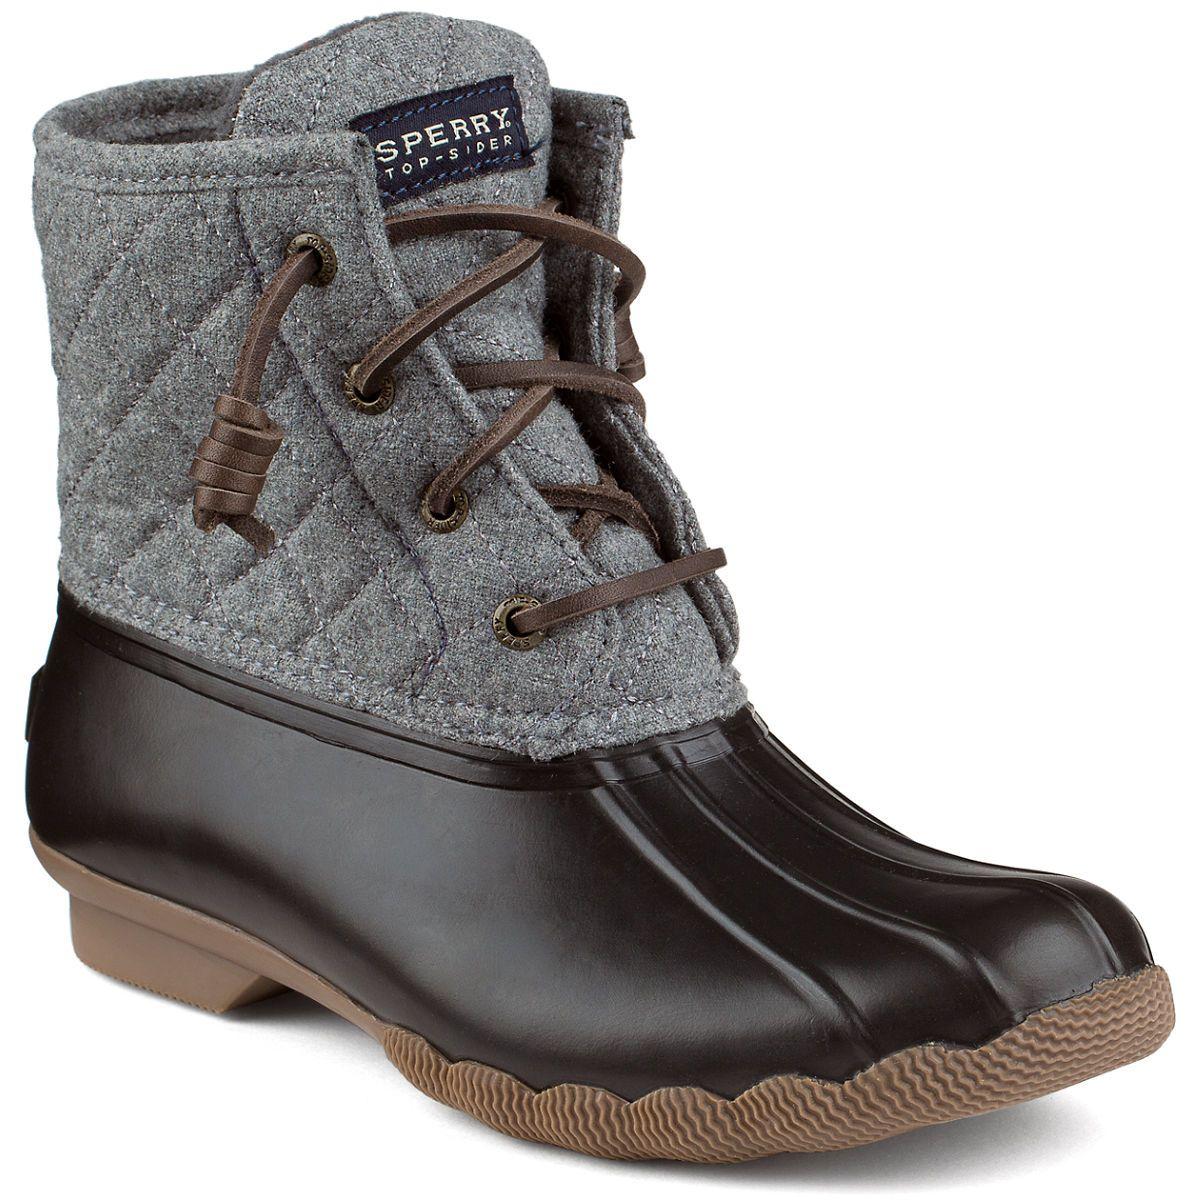 Women S Saltwater Wool Duck Boot Boots Sperry Top